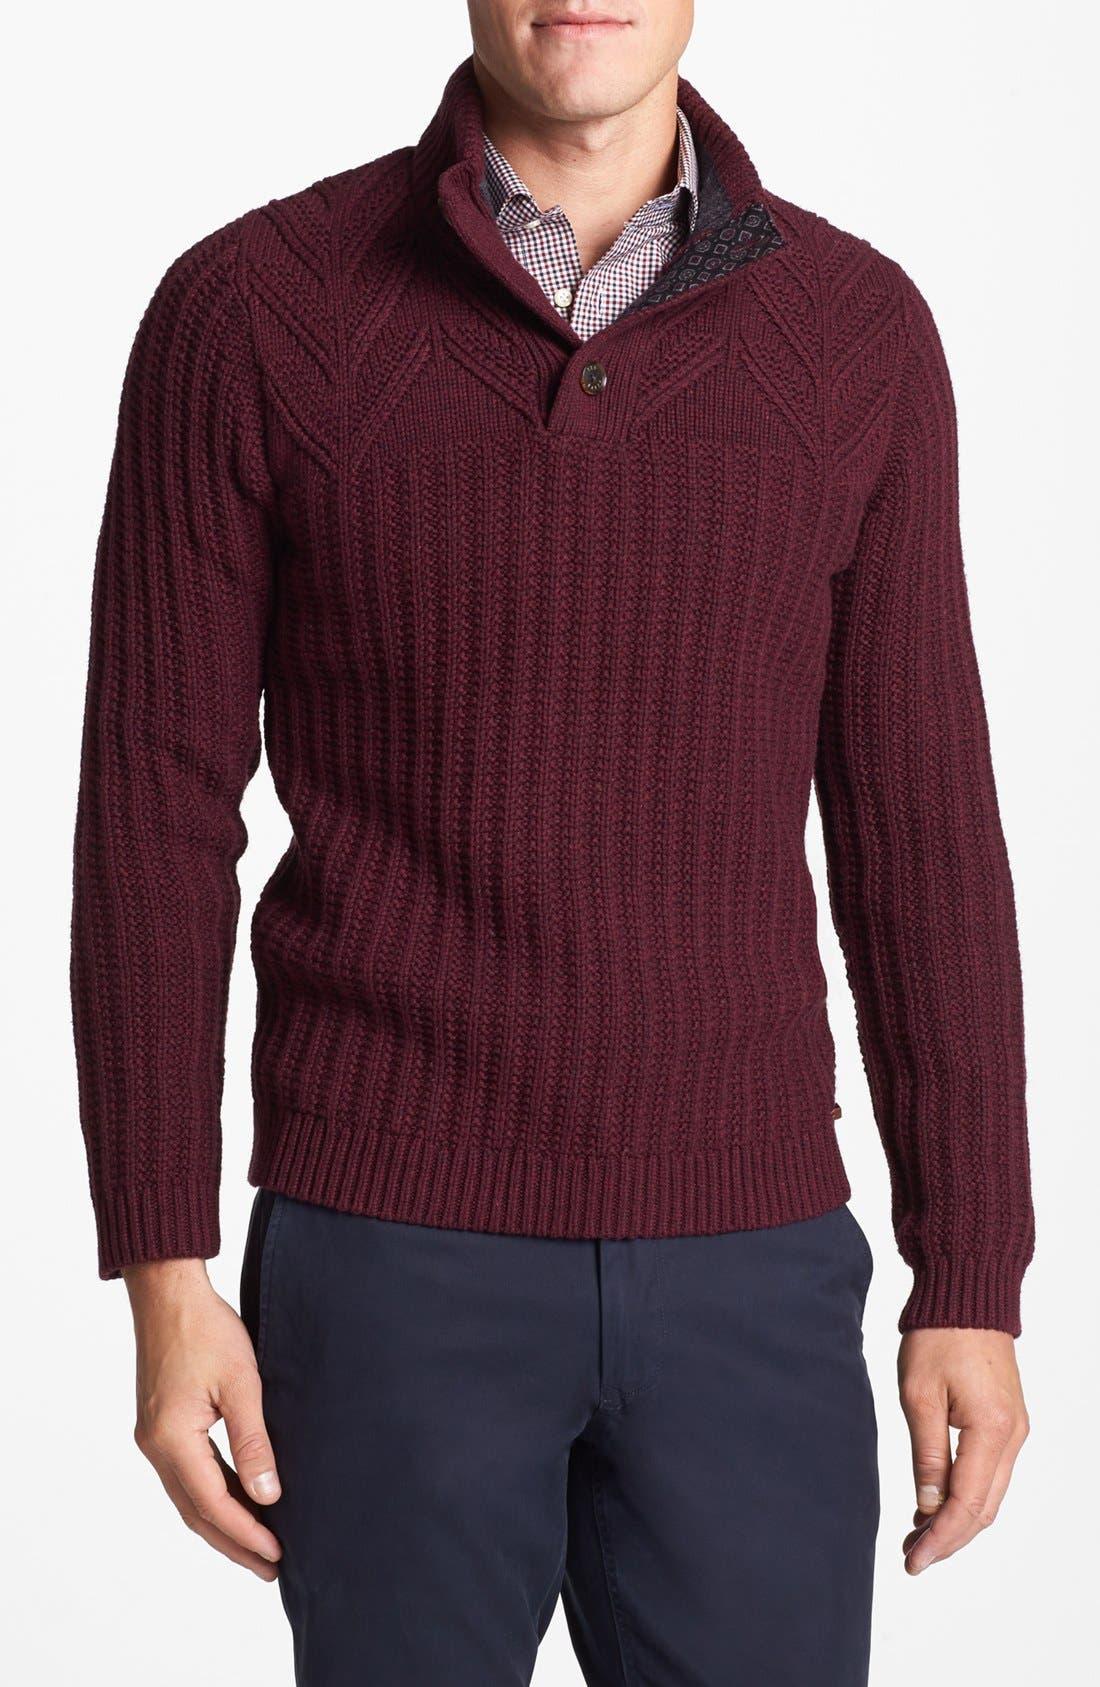 Alternate Image 1 Selected - Ted Baker London 'Glaston' Sweater